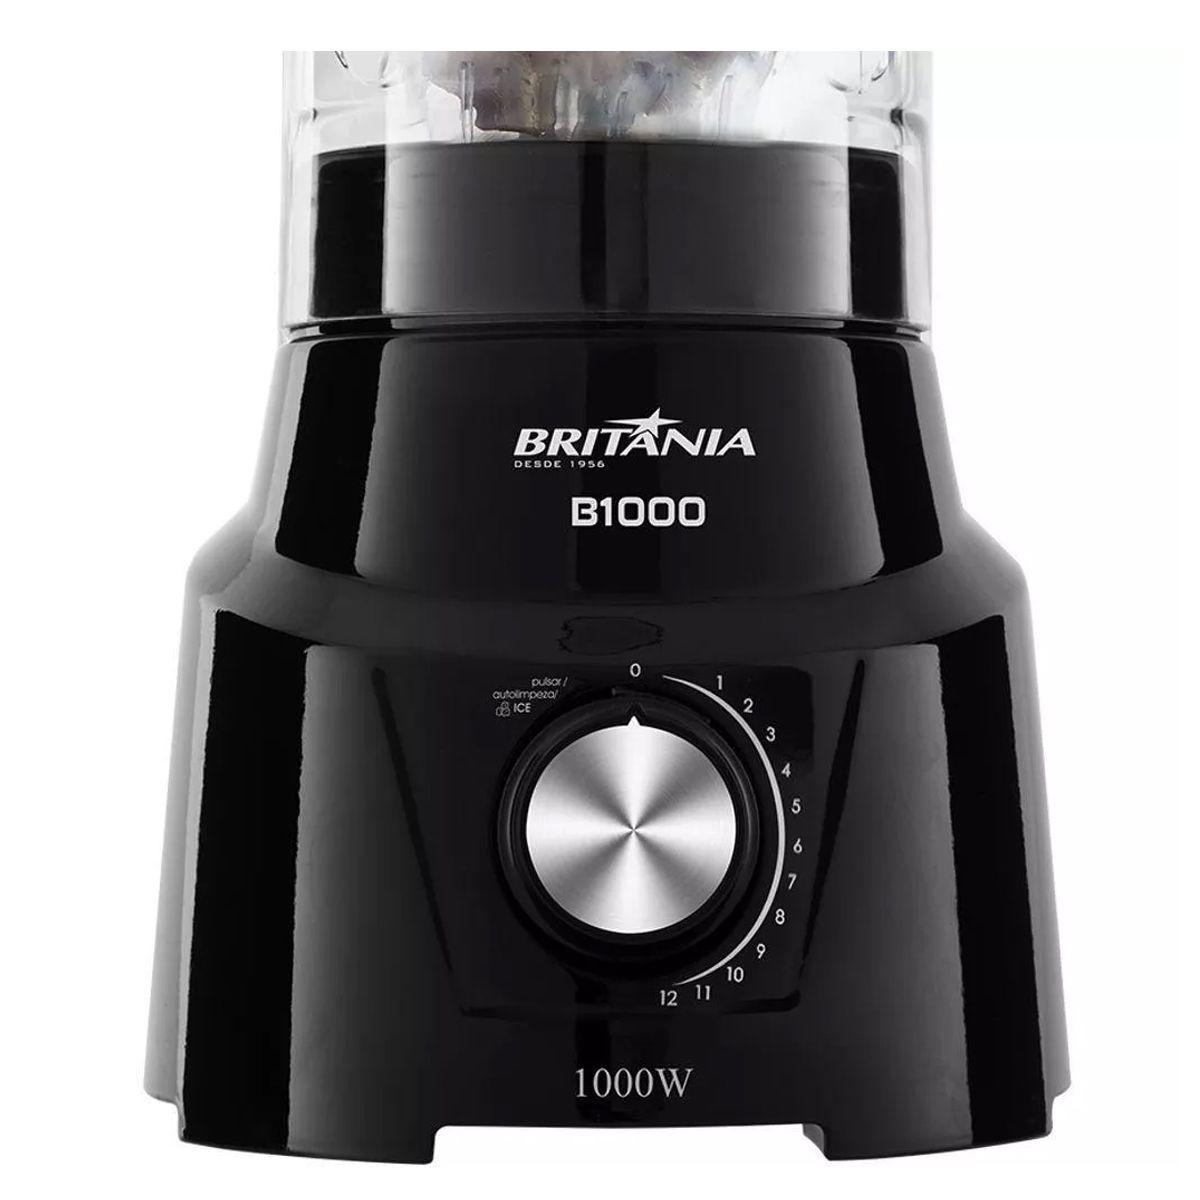 Liquidificador Britania B1000 12 Velocidades Copo 3L com Filtro 1200W - Preto